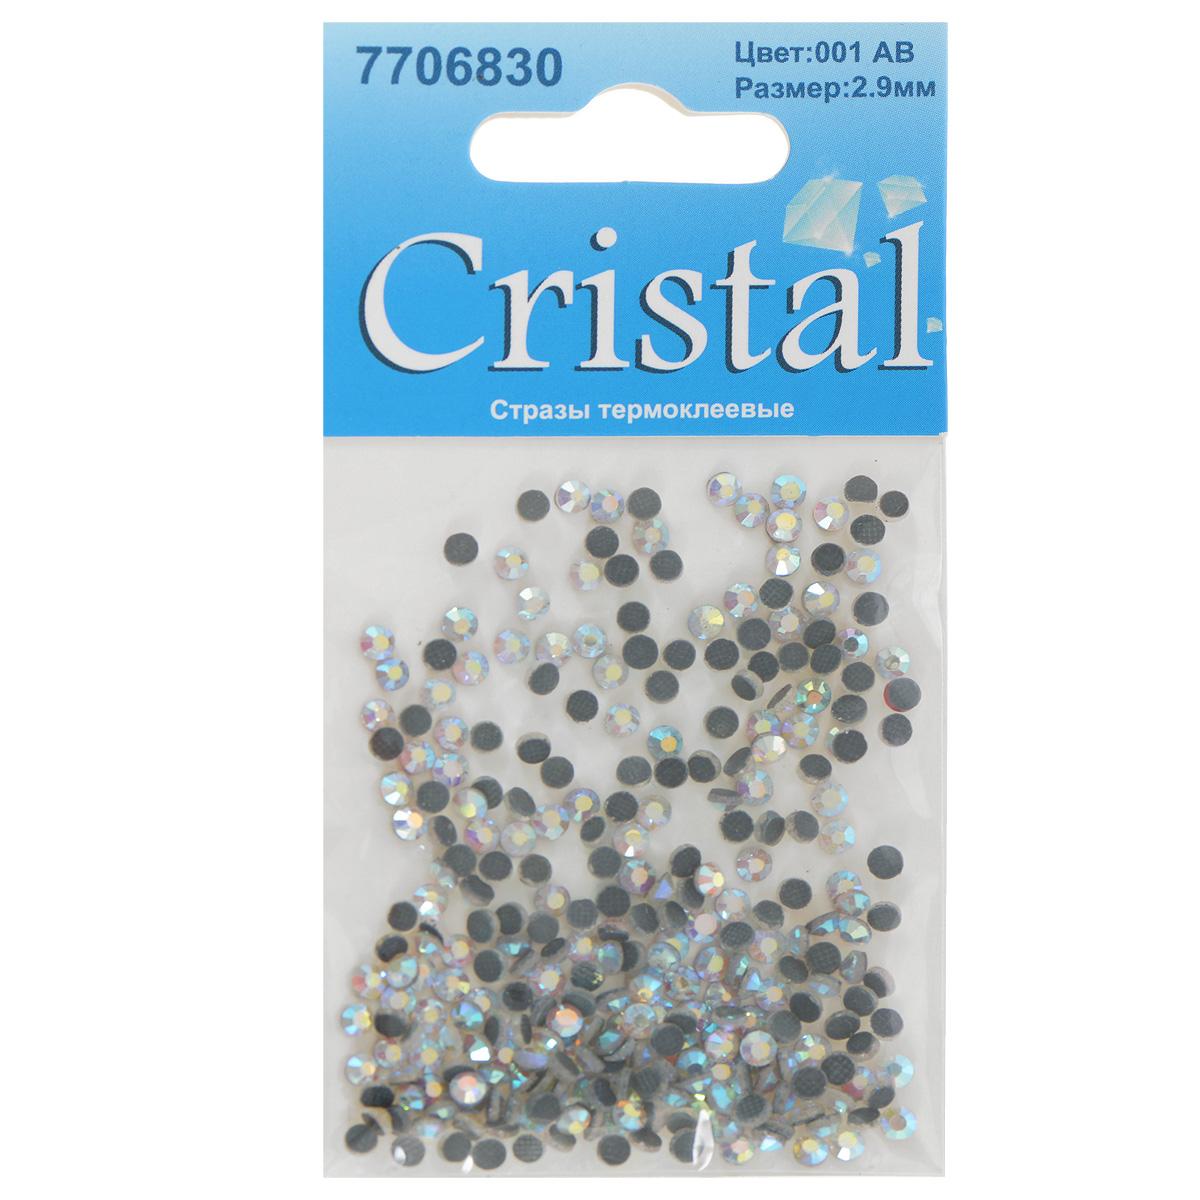 Стразы термоклеевые Cristal, цвет: белый (001АВ), диаметр 2,9 мм, 288 шт7706830_001АВНабор термоклеевых страз Cristal, изготовленный из высококачественного акрила, позволит вам украсить одежду, аксессуары или текстиль. Яркие стразы имеют плоское дно и круглую поверхность с гранями. Дно термоклеевых страз уже обработано особым клеем, который под воздействием высоких температур начинает плавиться, приклеиваясь, таким образом, к требуемой поверхности. Чаще всего их используют в текстильной промышленности: стразы прикладывают к ткани и проглаживают утюгом с обратной стороны. Также можно использовать специальный паяльник. Украшение стразами поможет сделать любую вещь оригинальной и неповторимой. Диаметр страз: 2,9 мм.